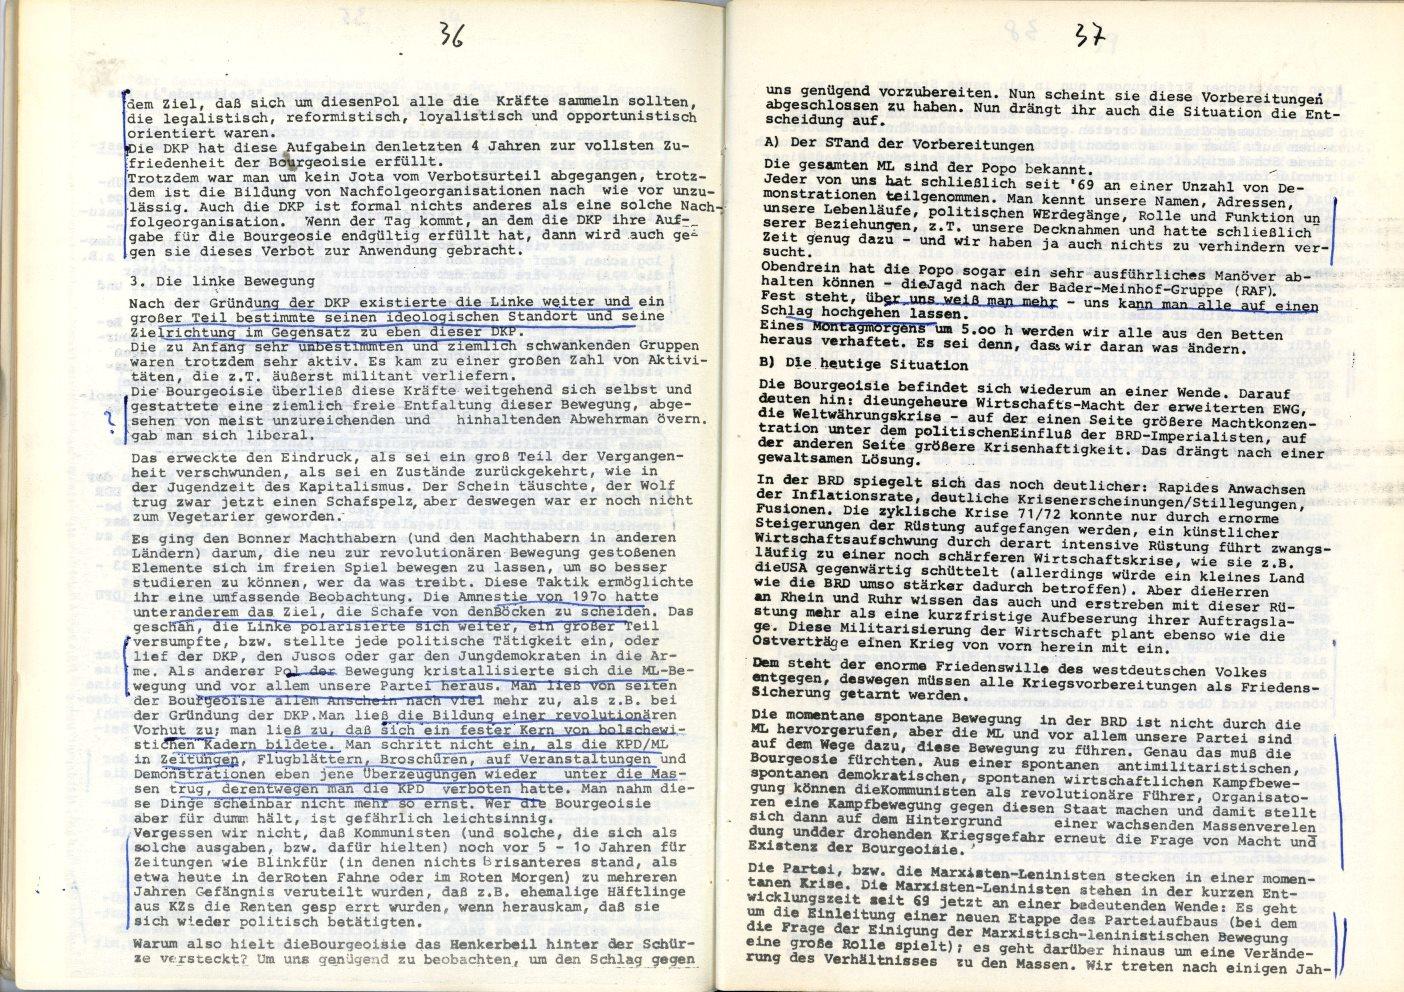 ZB_1972_Diskussionsorgan_zur_ersten_Parteikonferenz_21